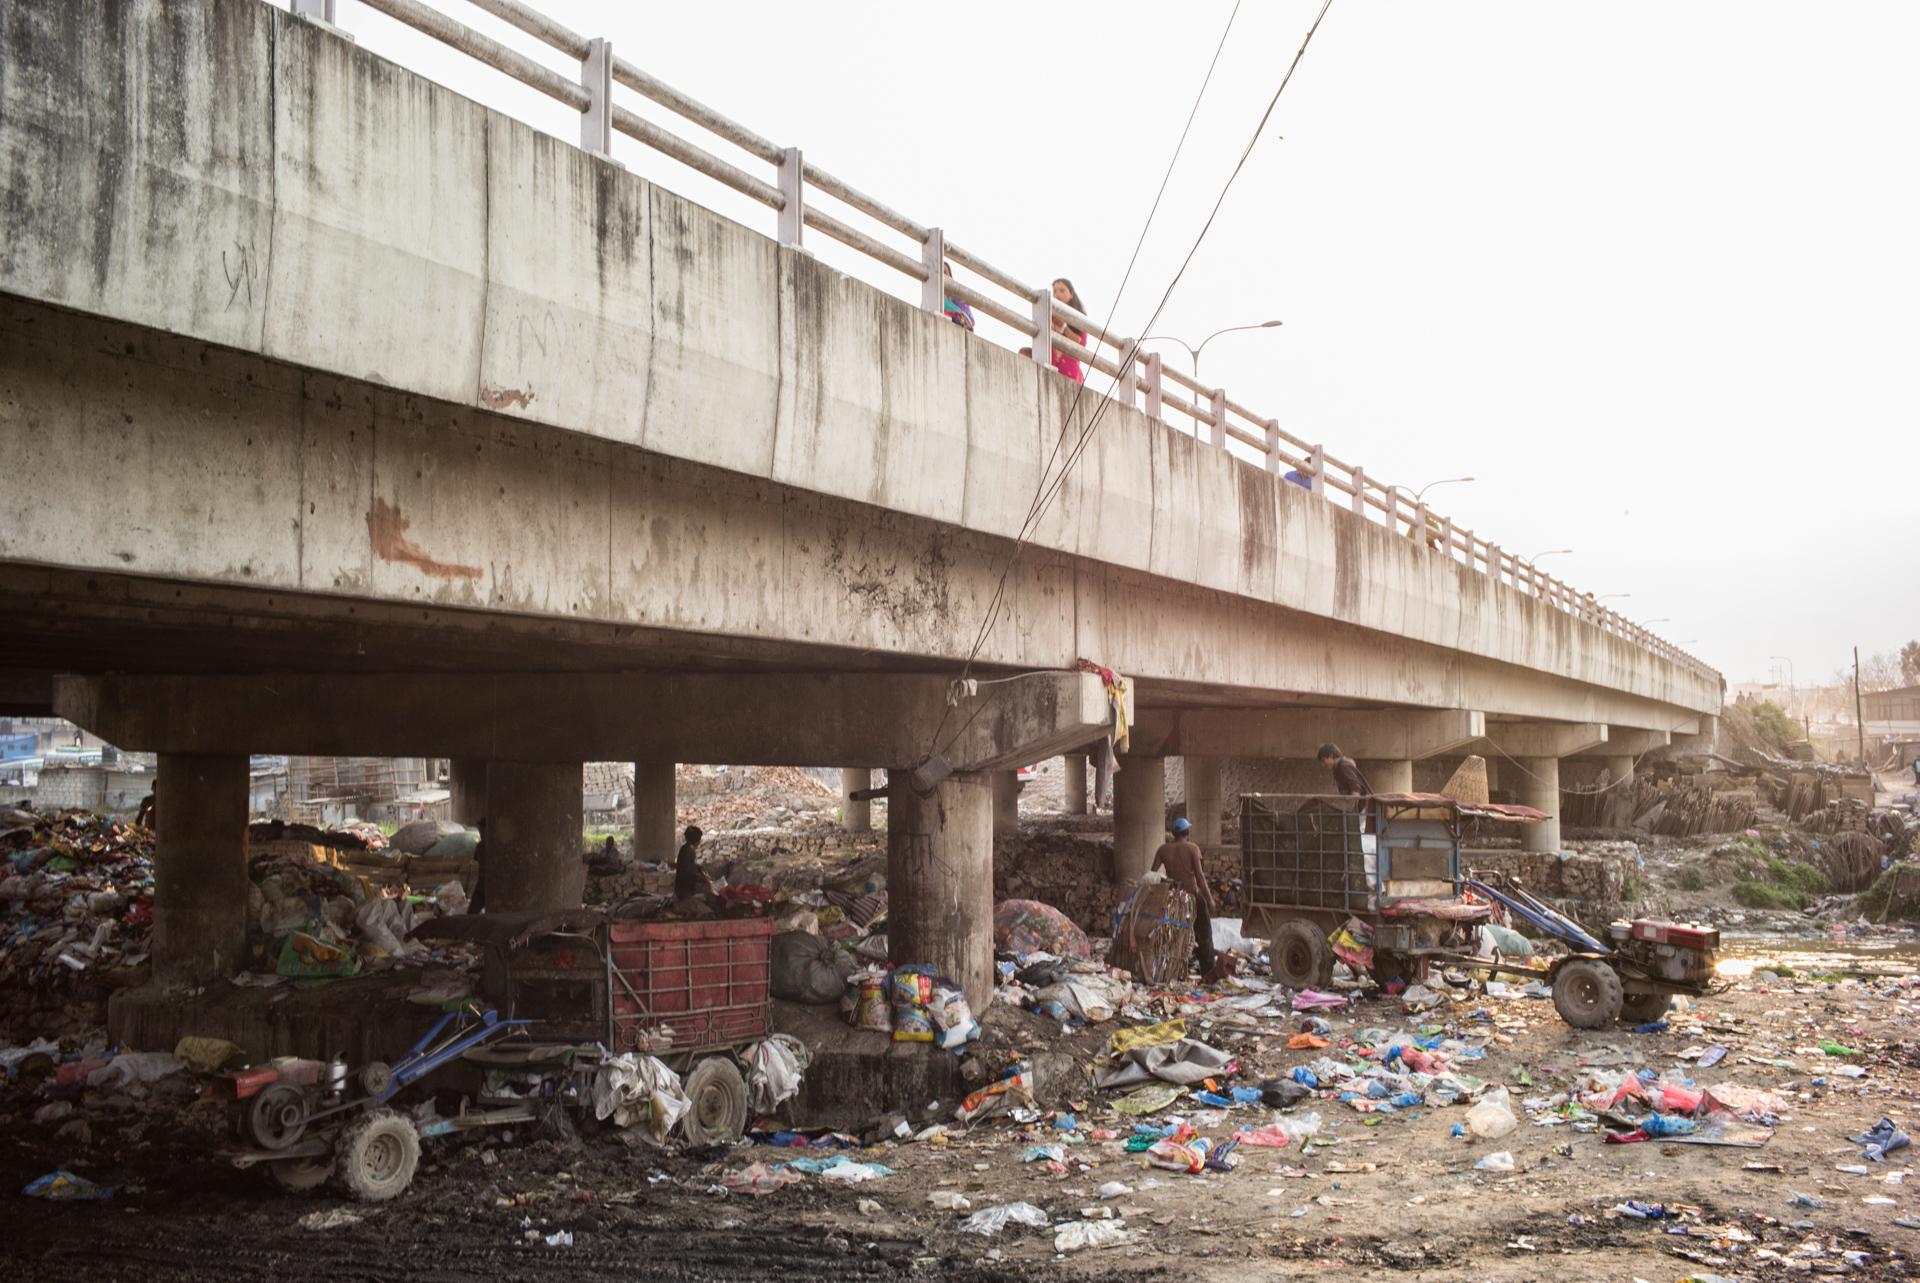 daniel-maissan-garbage-low-13.jpg